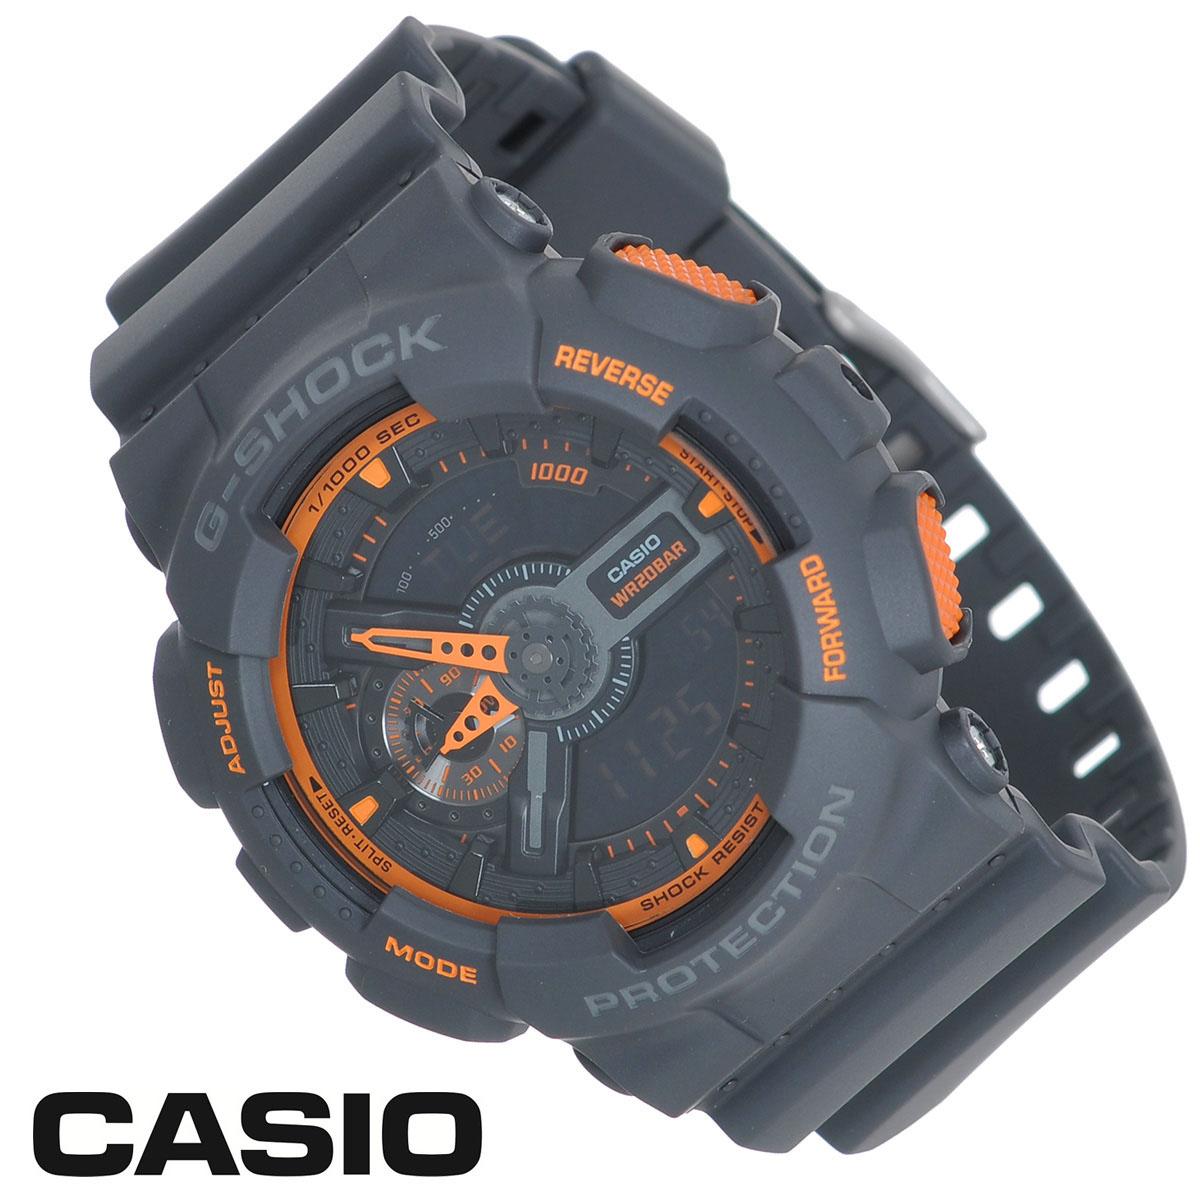 Часы мужские наручные Casio G-Shock, цвет: темно-серый, оранжевый. GA-110TS-1A4GA-110TS-1A4Стильные часы G-Shock от японского брэнда Casio - это яркий функциональный аксессуар для современных людей, которые стремятся выделиться из толпы и подчеркнуть свою индивидуальность. Часы выполнены в спортивном стиле. Корпус имеет ударопрочную конструкцию, защищающую механизм от ударов и вибрации. Циферблат подсвечивается светодиодом, функция автоподсветки освещает циферблат при повороте часов к лицу. Ремешок из мягкого пластика имеет классическую застежку. Основные функции: - 5 будильников, один с функцией повтора сигнала (чтобы отложить пробуждение), ежечасный сигнал; - автоматический календарь (число, месяц, день недели, год); - секундомер с точностью показаний 1/1000 с, время измерения 100 часов; - 12-ти и 24-х часовой формат времени; - таймер обратного отсчета от 1 мин до 24 ч с автоповтором; - измерение скорости и расстояния; - мировое время; - сплит-хронограф; ...